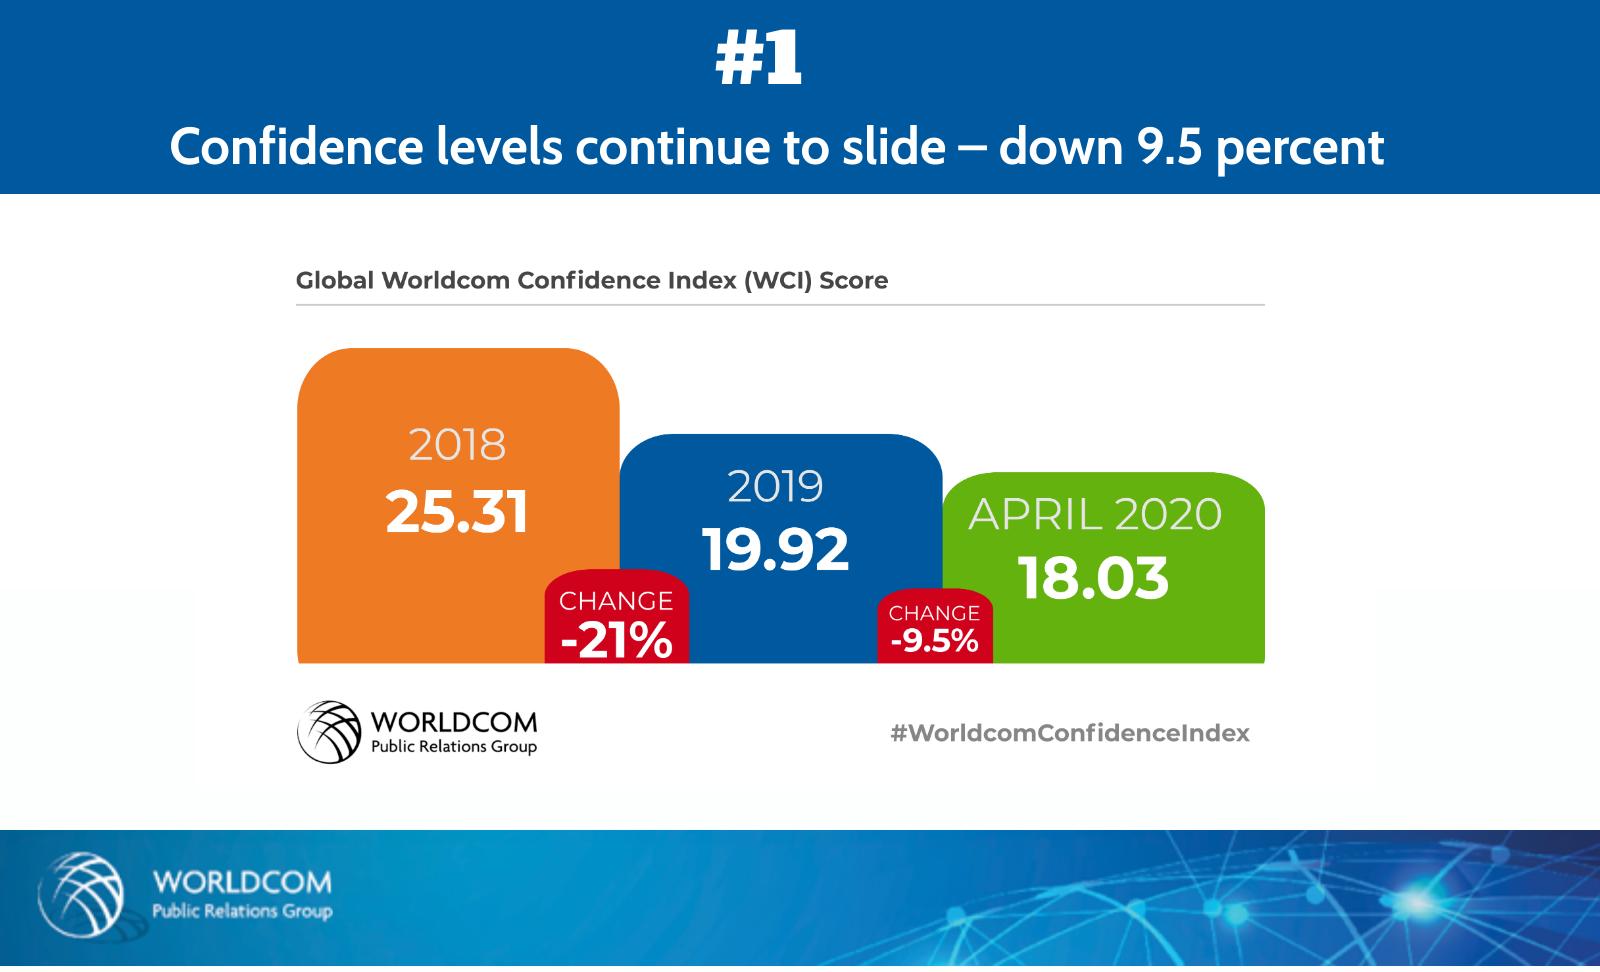 Worldcomin tutkimus paljastaa: Yritysjohtajien luottamus jatkaa alamäkeä